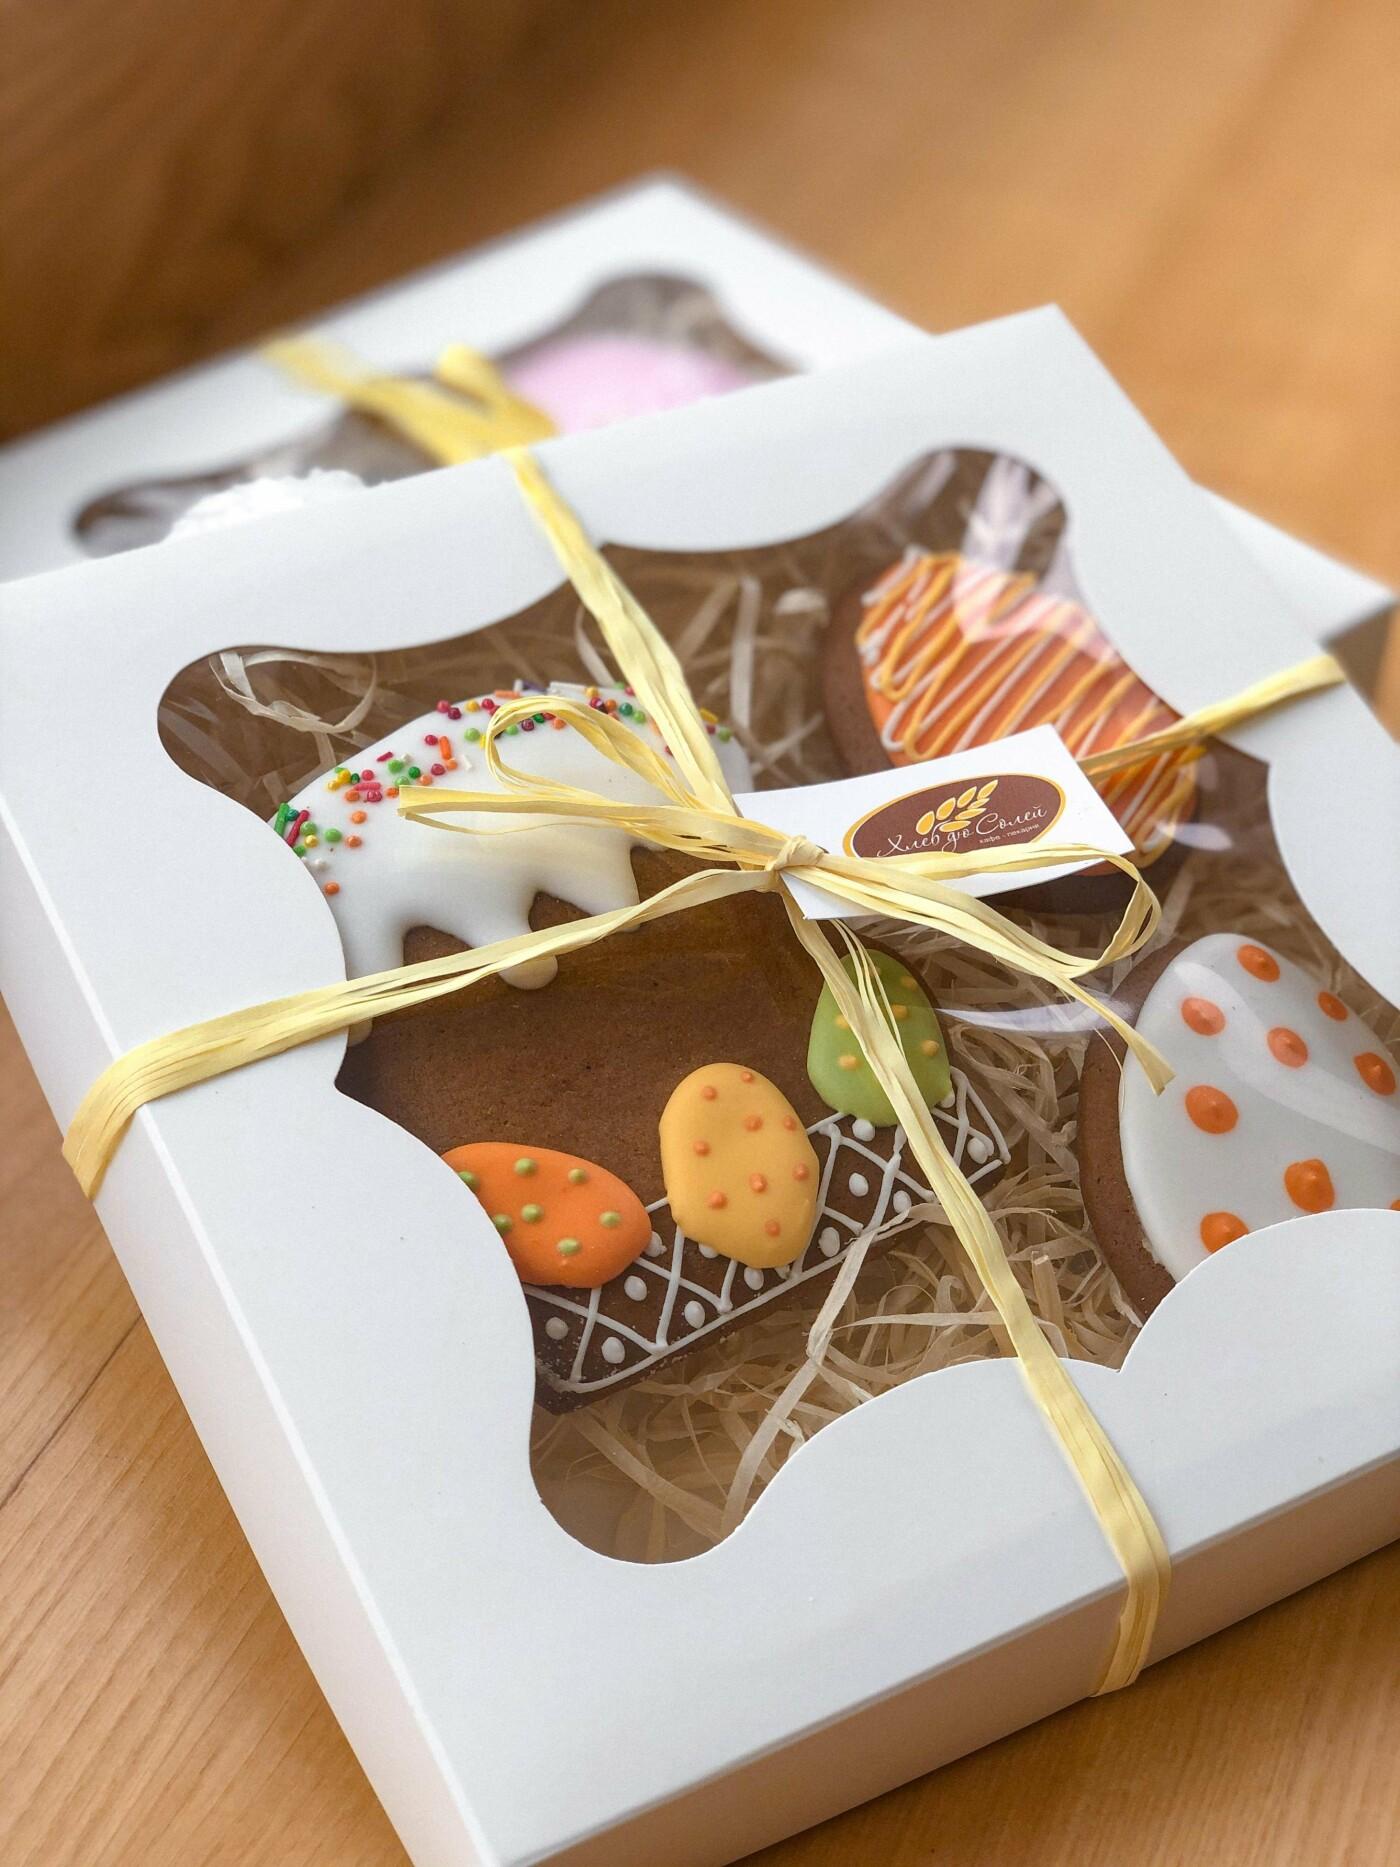 Бесплатная адресная доставка пасхальных куличей из эко-продуктов от Хлеб Дю Солей, фото-6